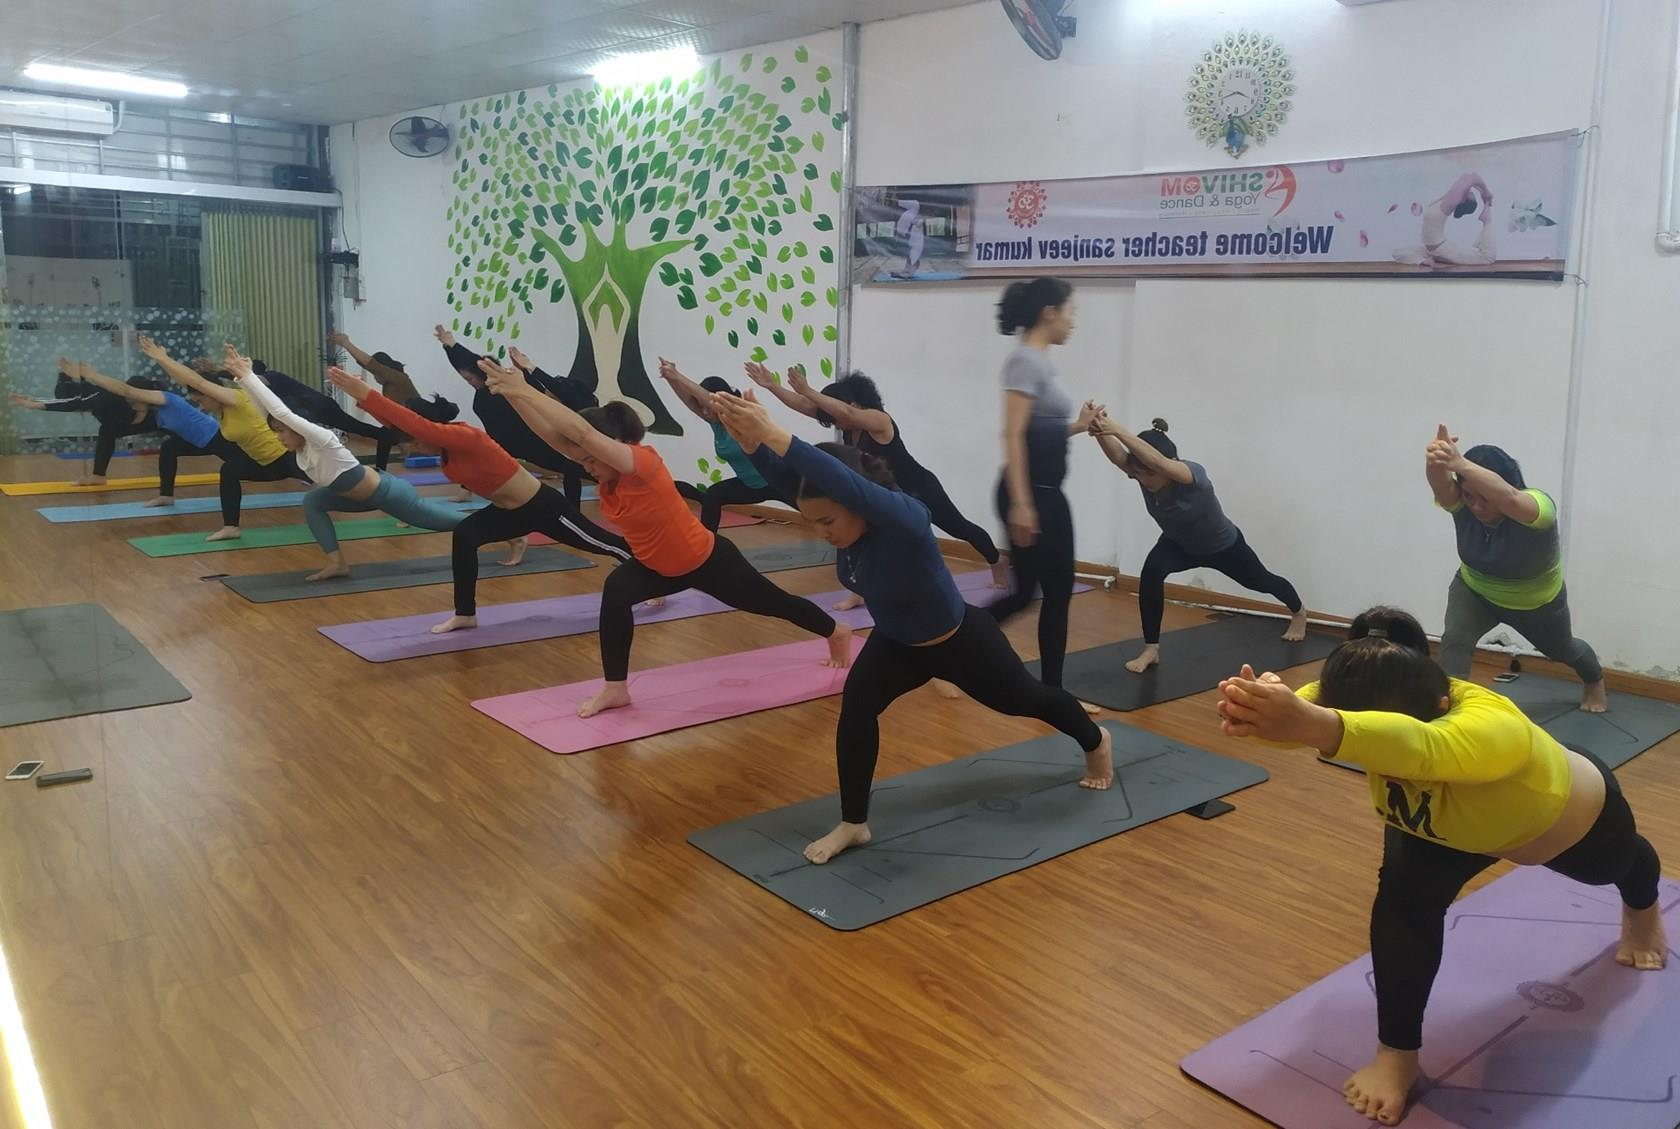 Sôi nổi phong trào luyện tập yoga